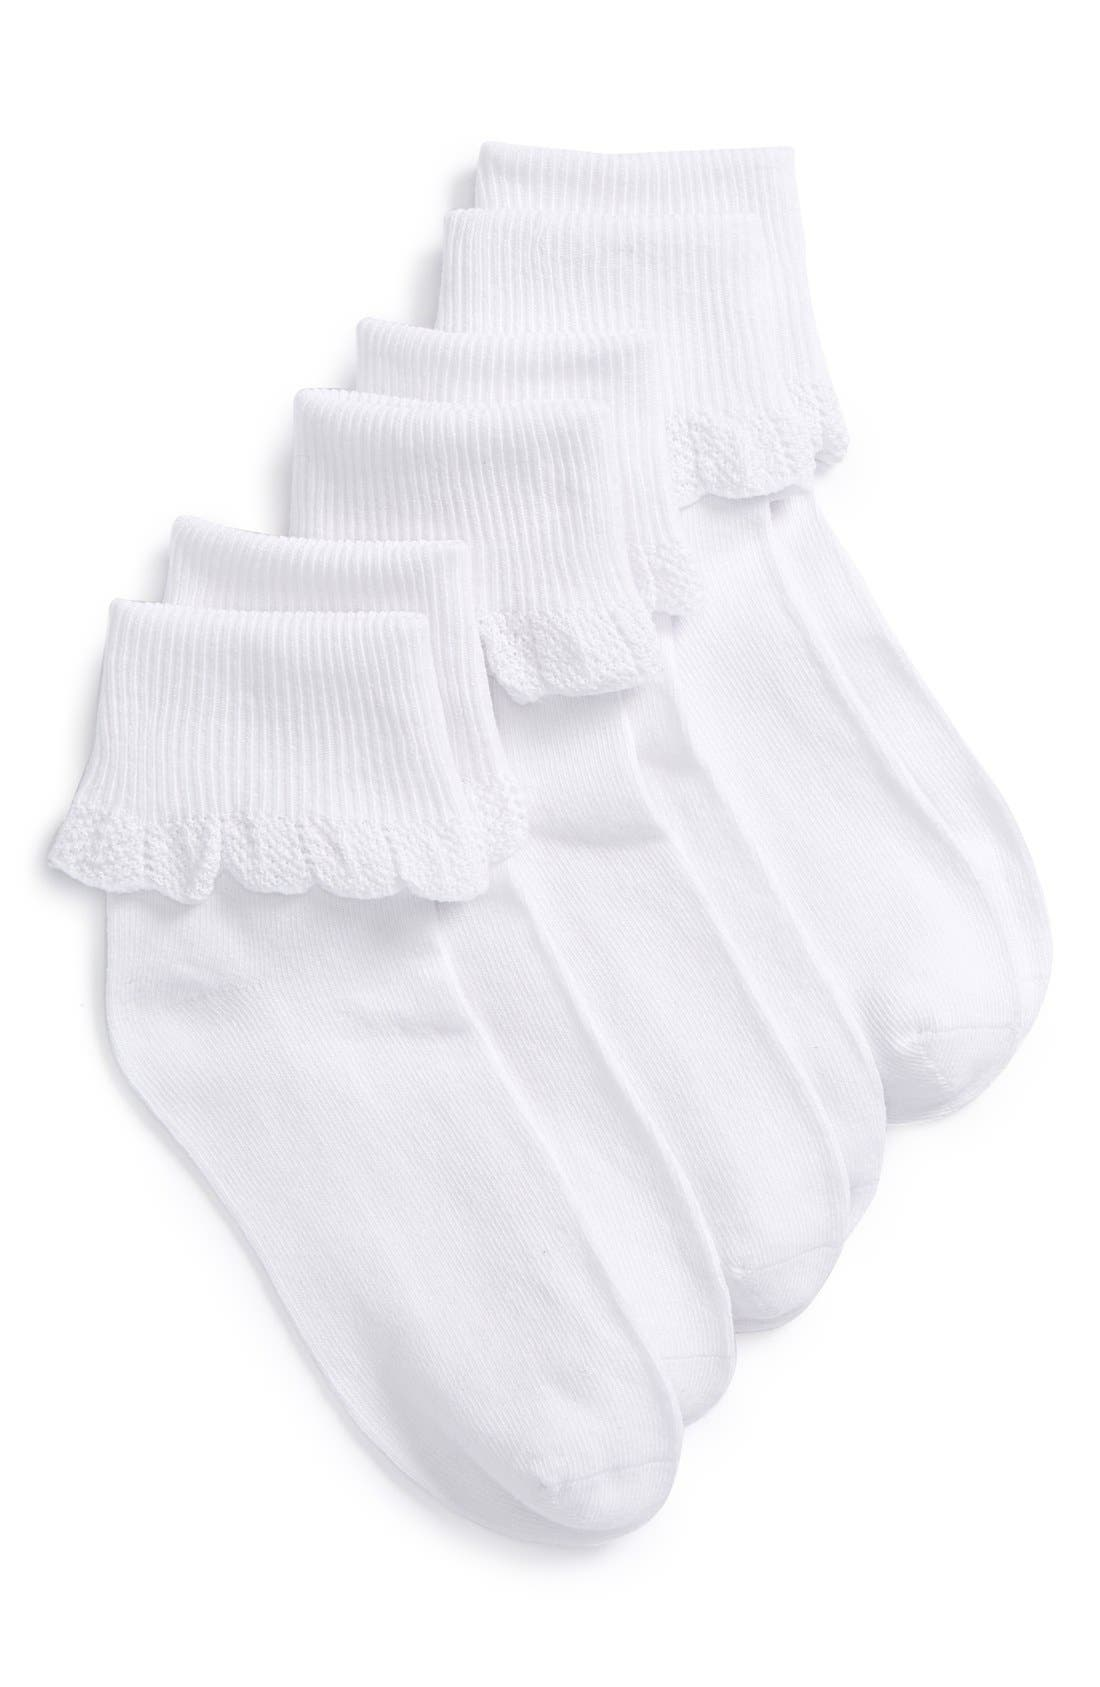 Alternate Image 1 Selected - Ruby & Bloom 3-Pack Socks (Baby, Walker, Toddler, Little Kid and Big Kid)